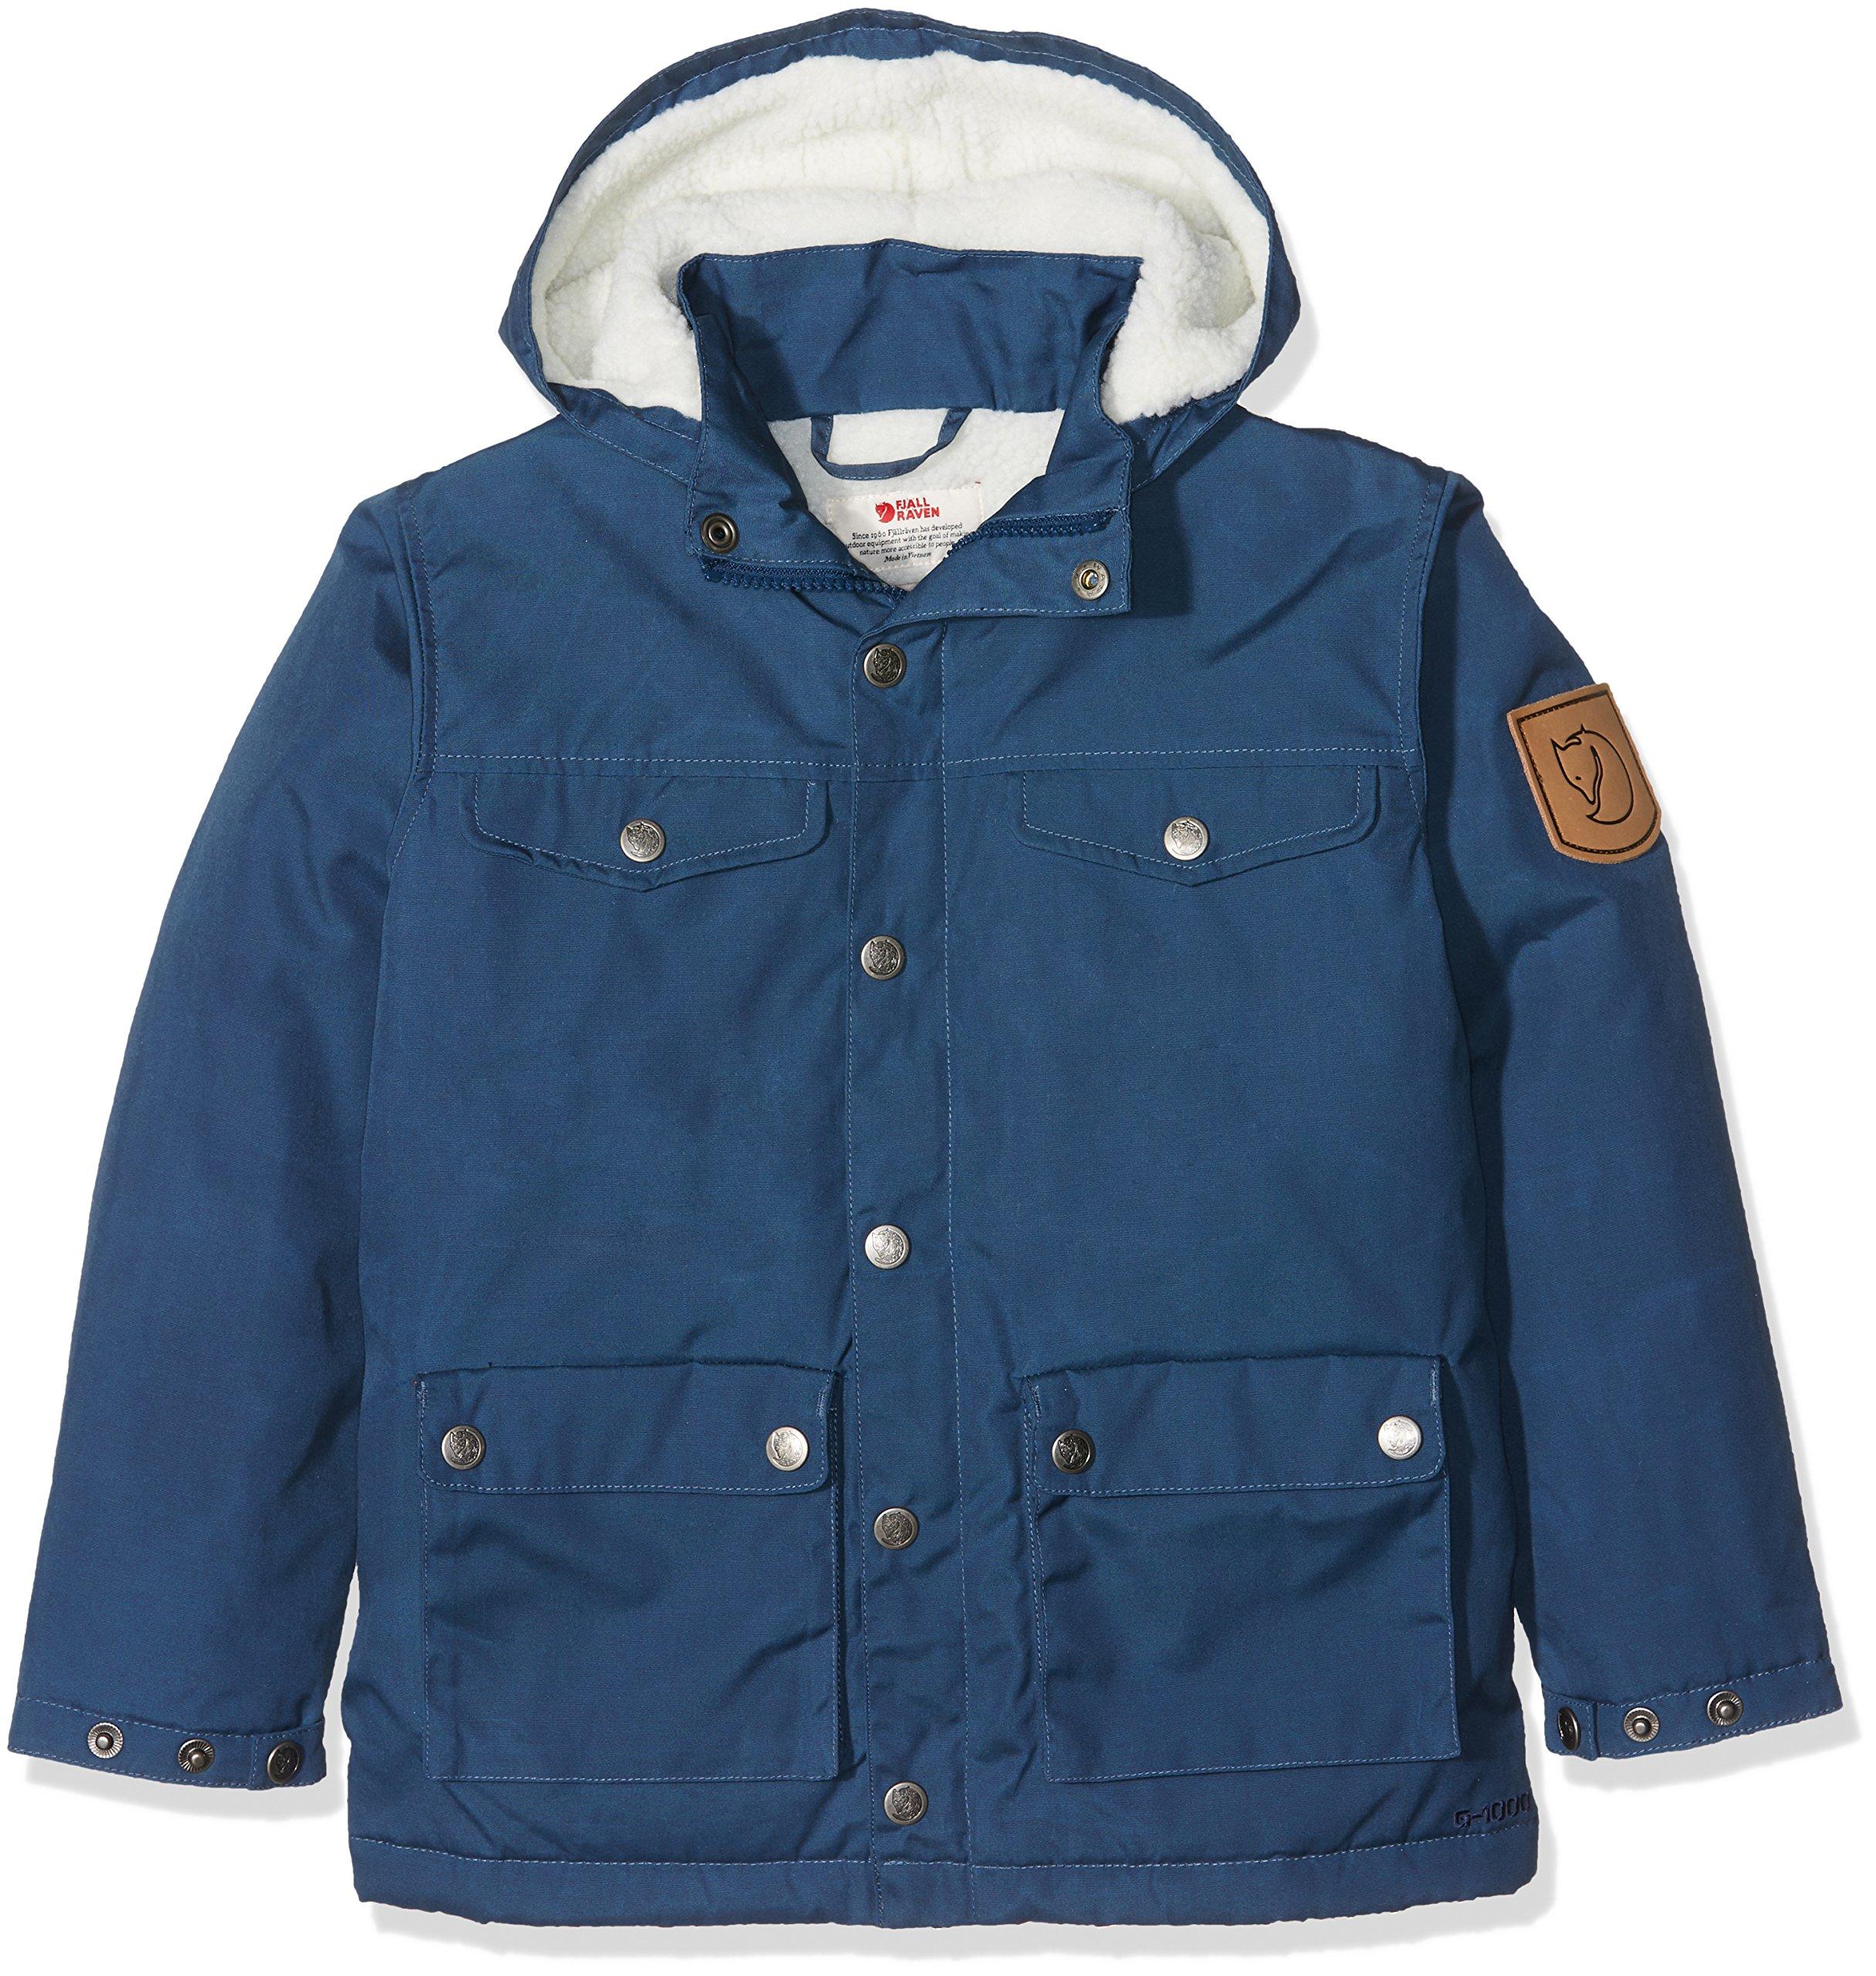 Fjällräven Kids Unisex Kids Greenland Winter Jacket Blueberry 122 (6-7 Years Old)